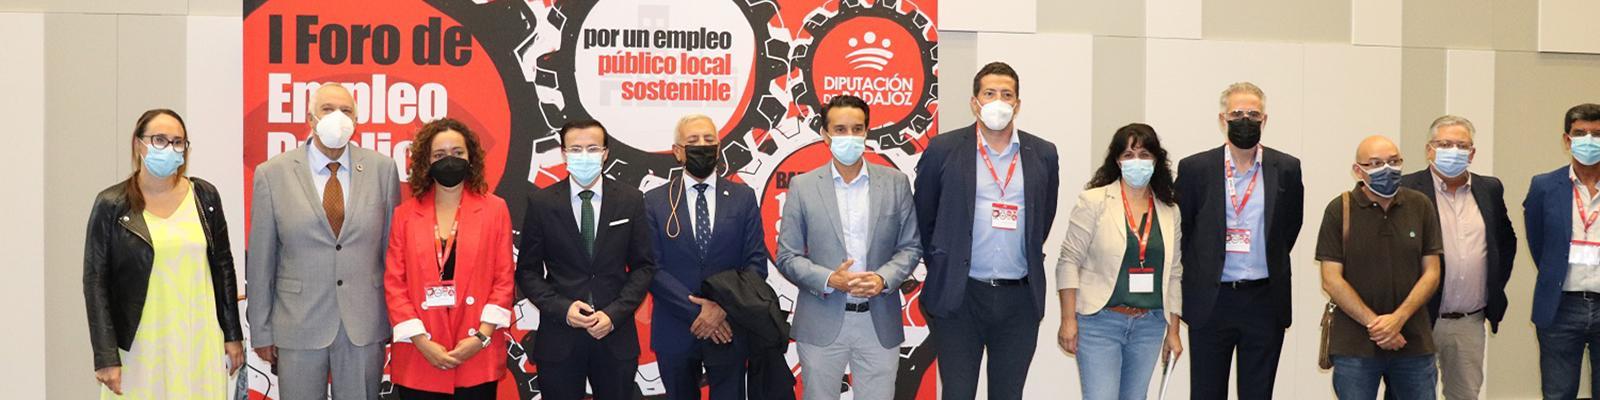 El presidente de la Diputación de Badajoz aboga por la estabilidad laboral en el sector público